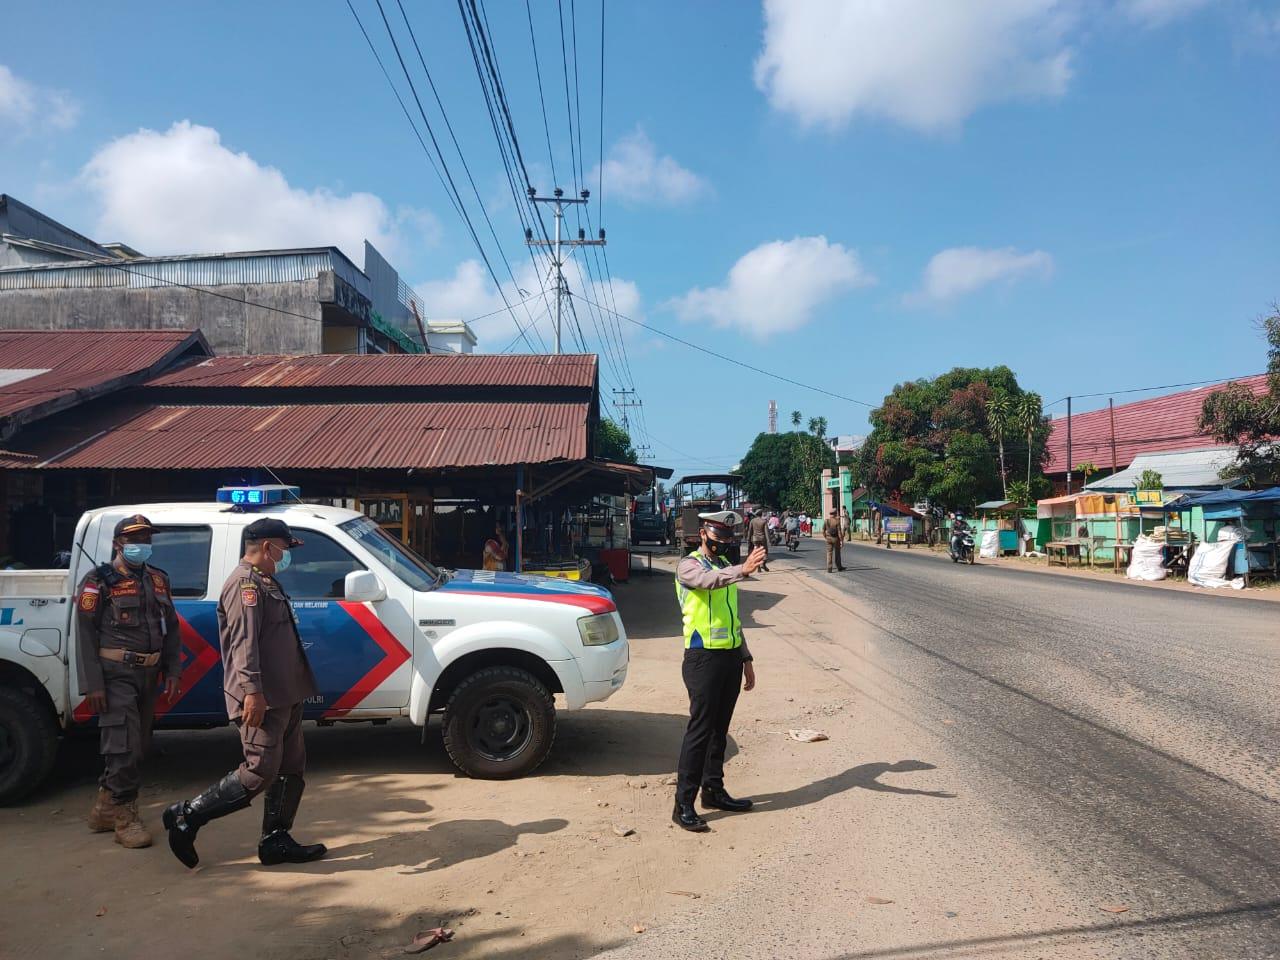 Patroli rutin antisipasi kriminalitas, kemacetan dan kecelakaan lalu lintas dikota ketapang